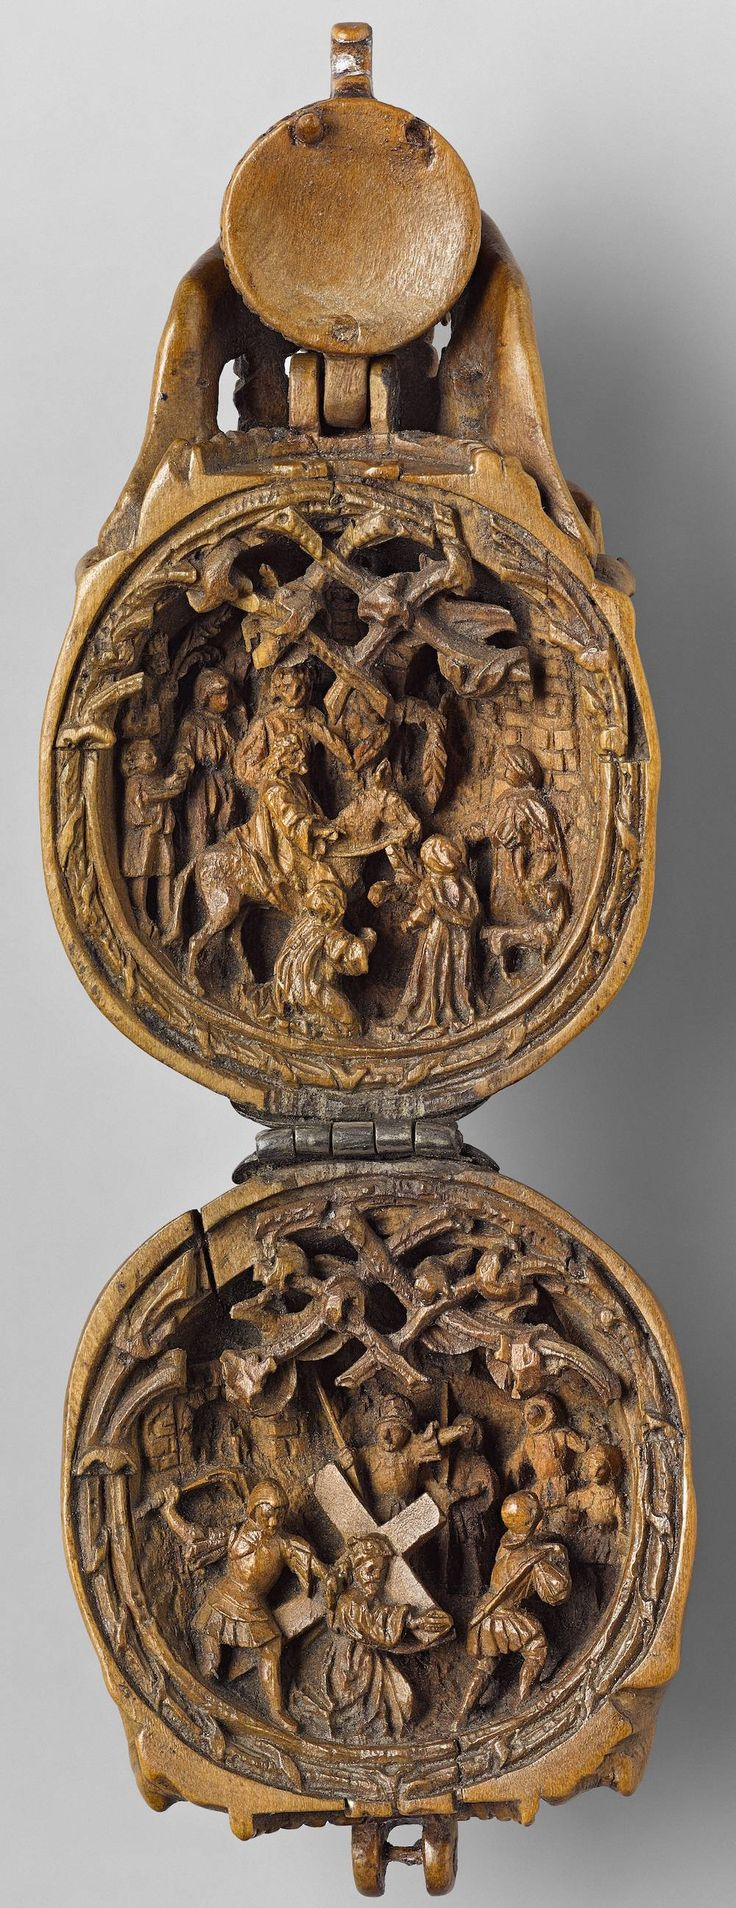 Existe um número muito reduzido de exemplares conhecidos destas relíquias religiosas do século 16, apenas 135 ao todo. Acredita-se que o espaço de tempo quando eram produzidas resuma-se a um breve períodode apenas trintaanos; mais...